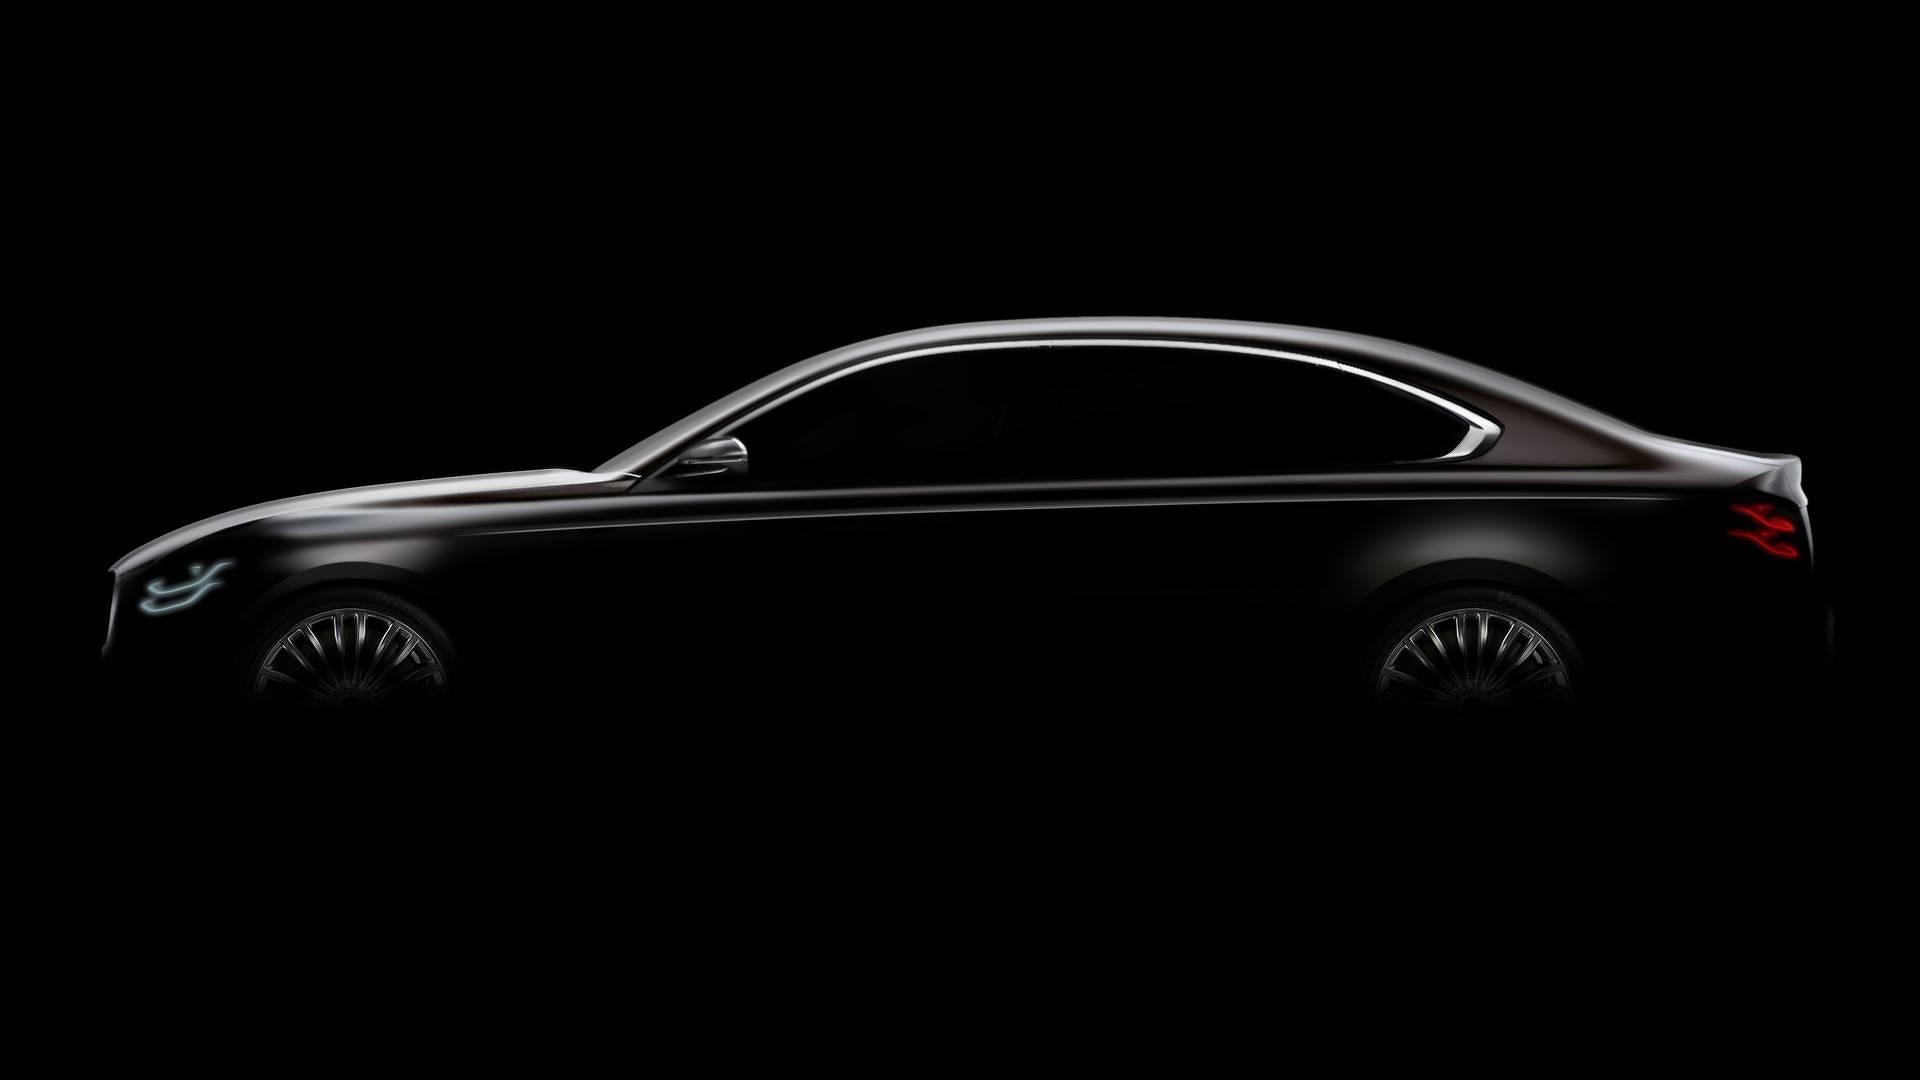 کیا K900 - اجاره ماشین - اجاره خودرو - کرایه ماشین